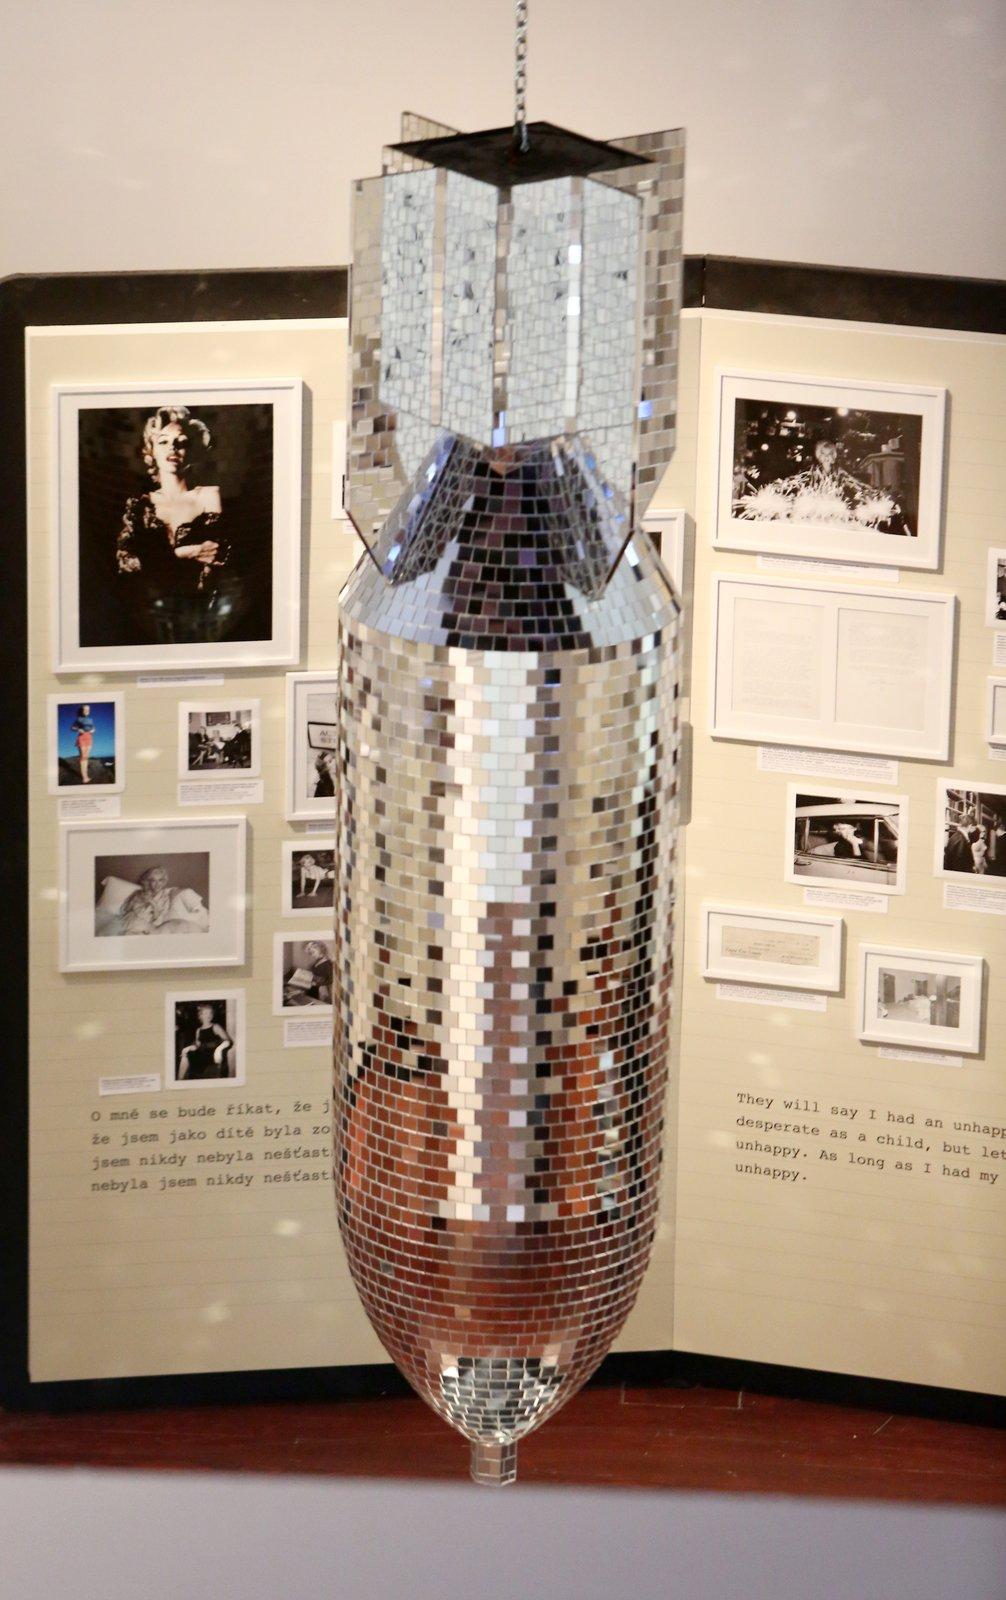 Socha Little Boy od Paola Canevariho je pojmenovaná podle bomb, které byly svrženy na Hirošimu. Připomíná vystoupení Marilyn před americkými vojáky v Koreji.